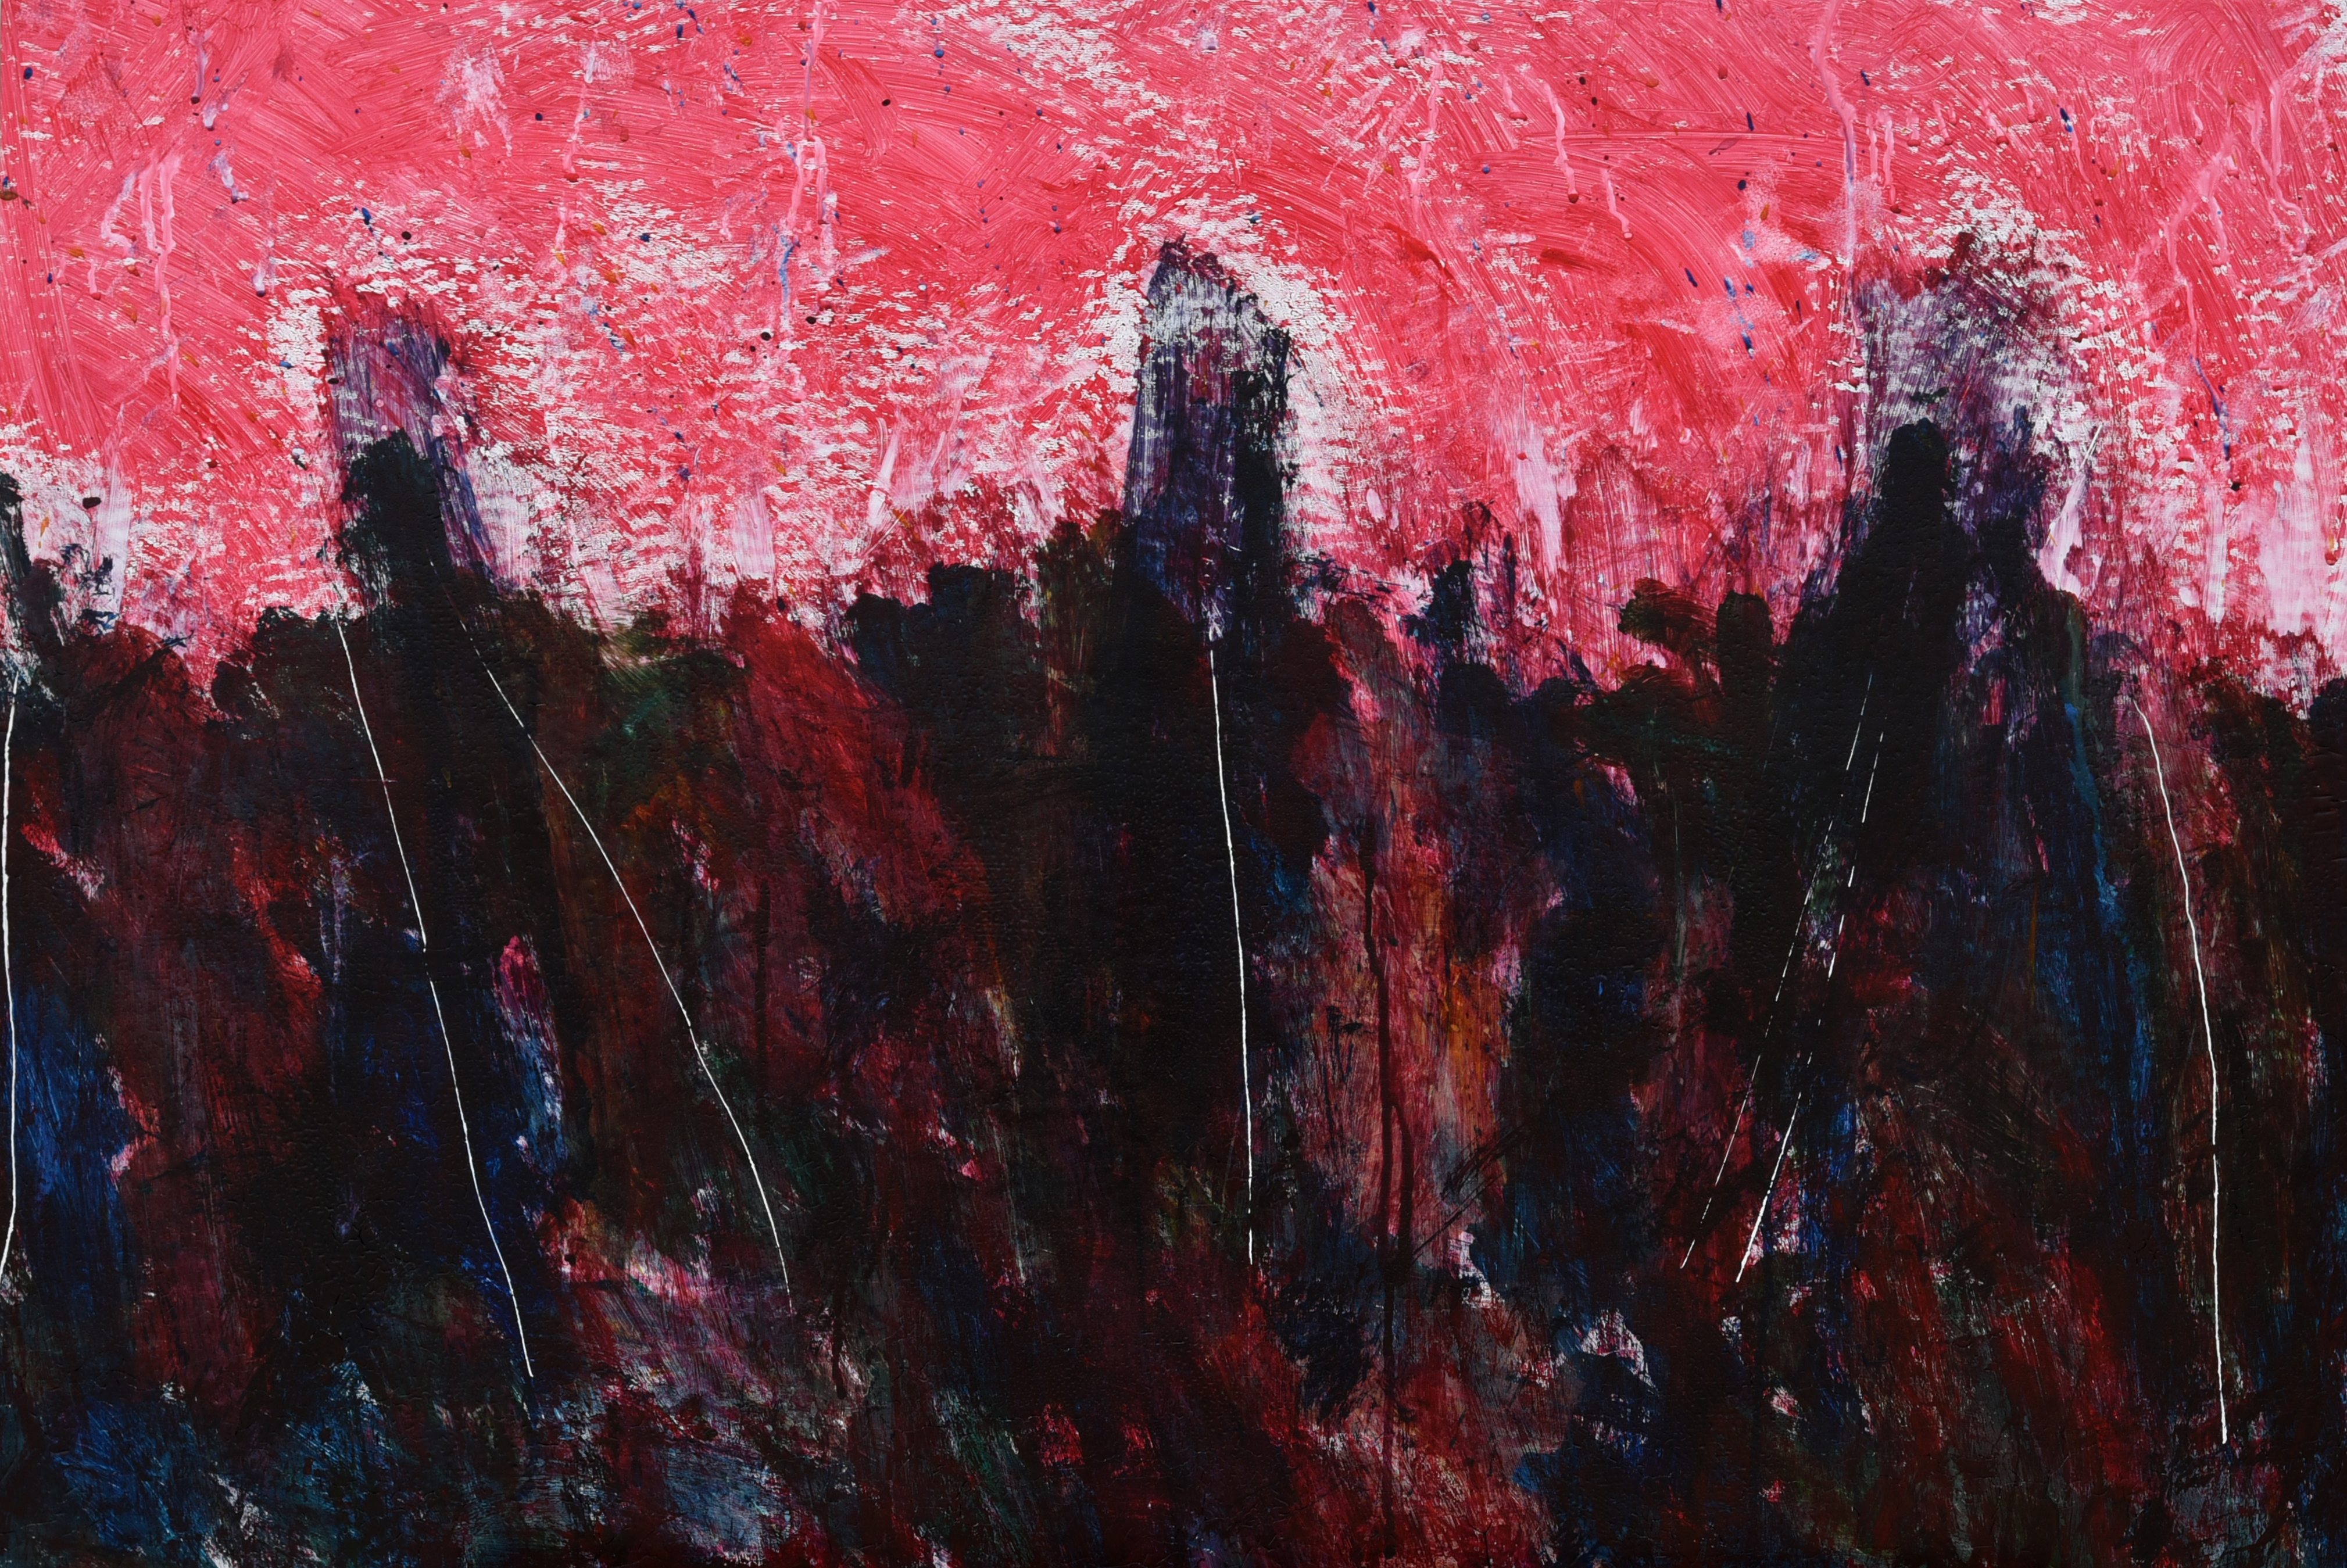 016, 정의철, 붉은 풍경, 90.9 x 60